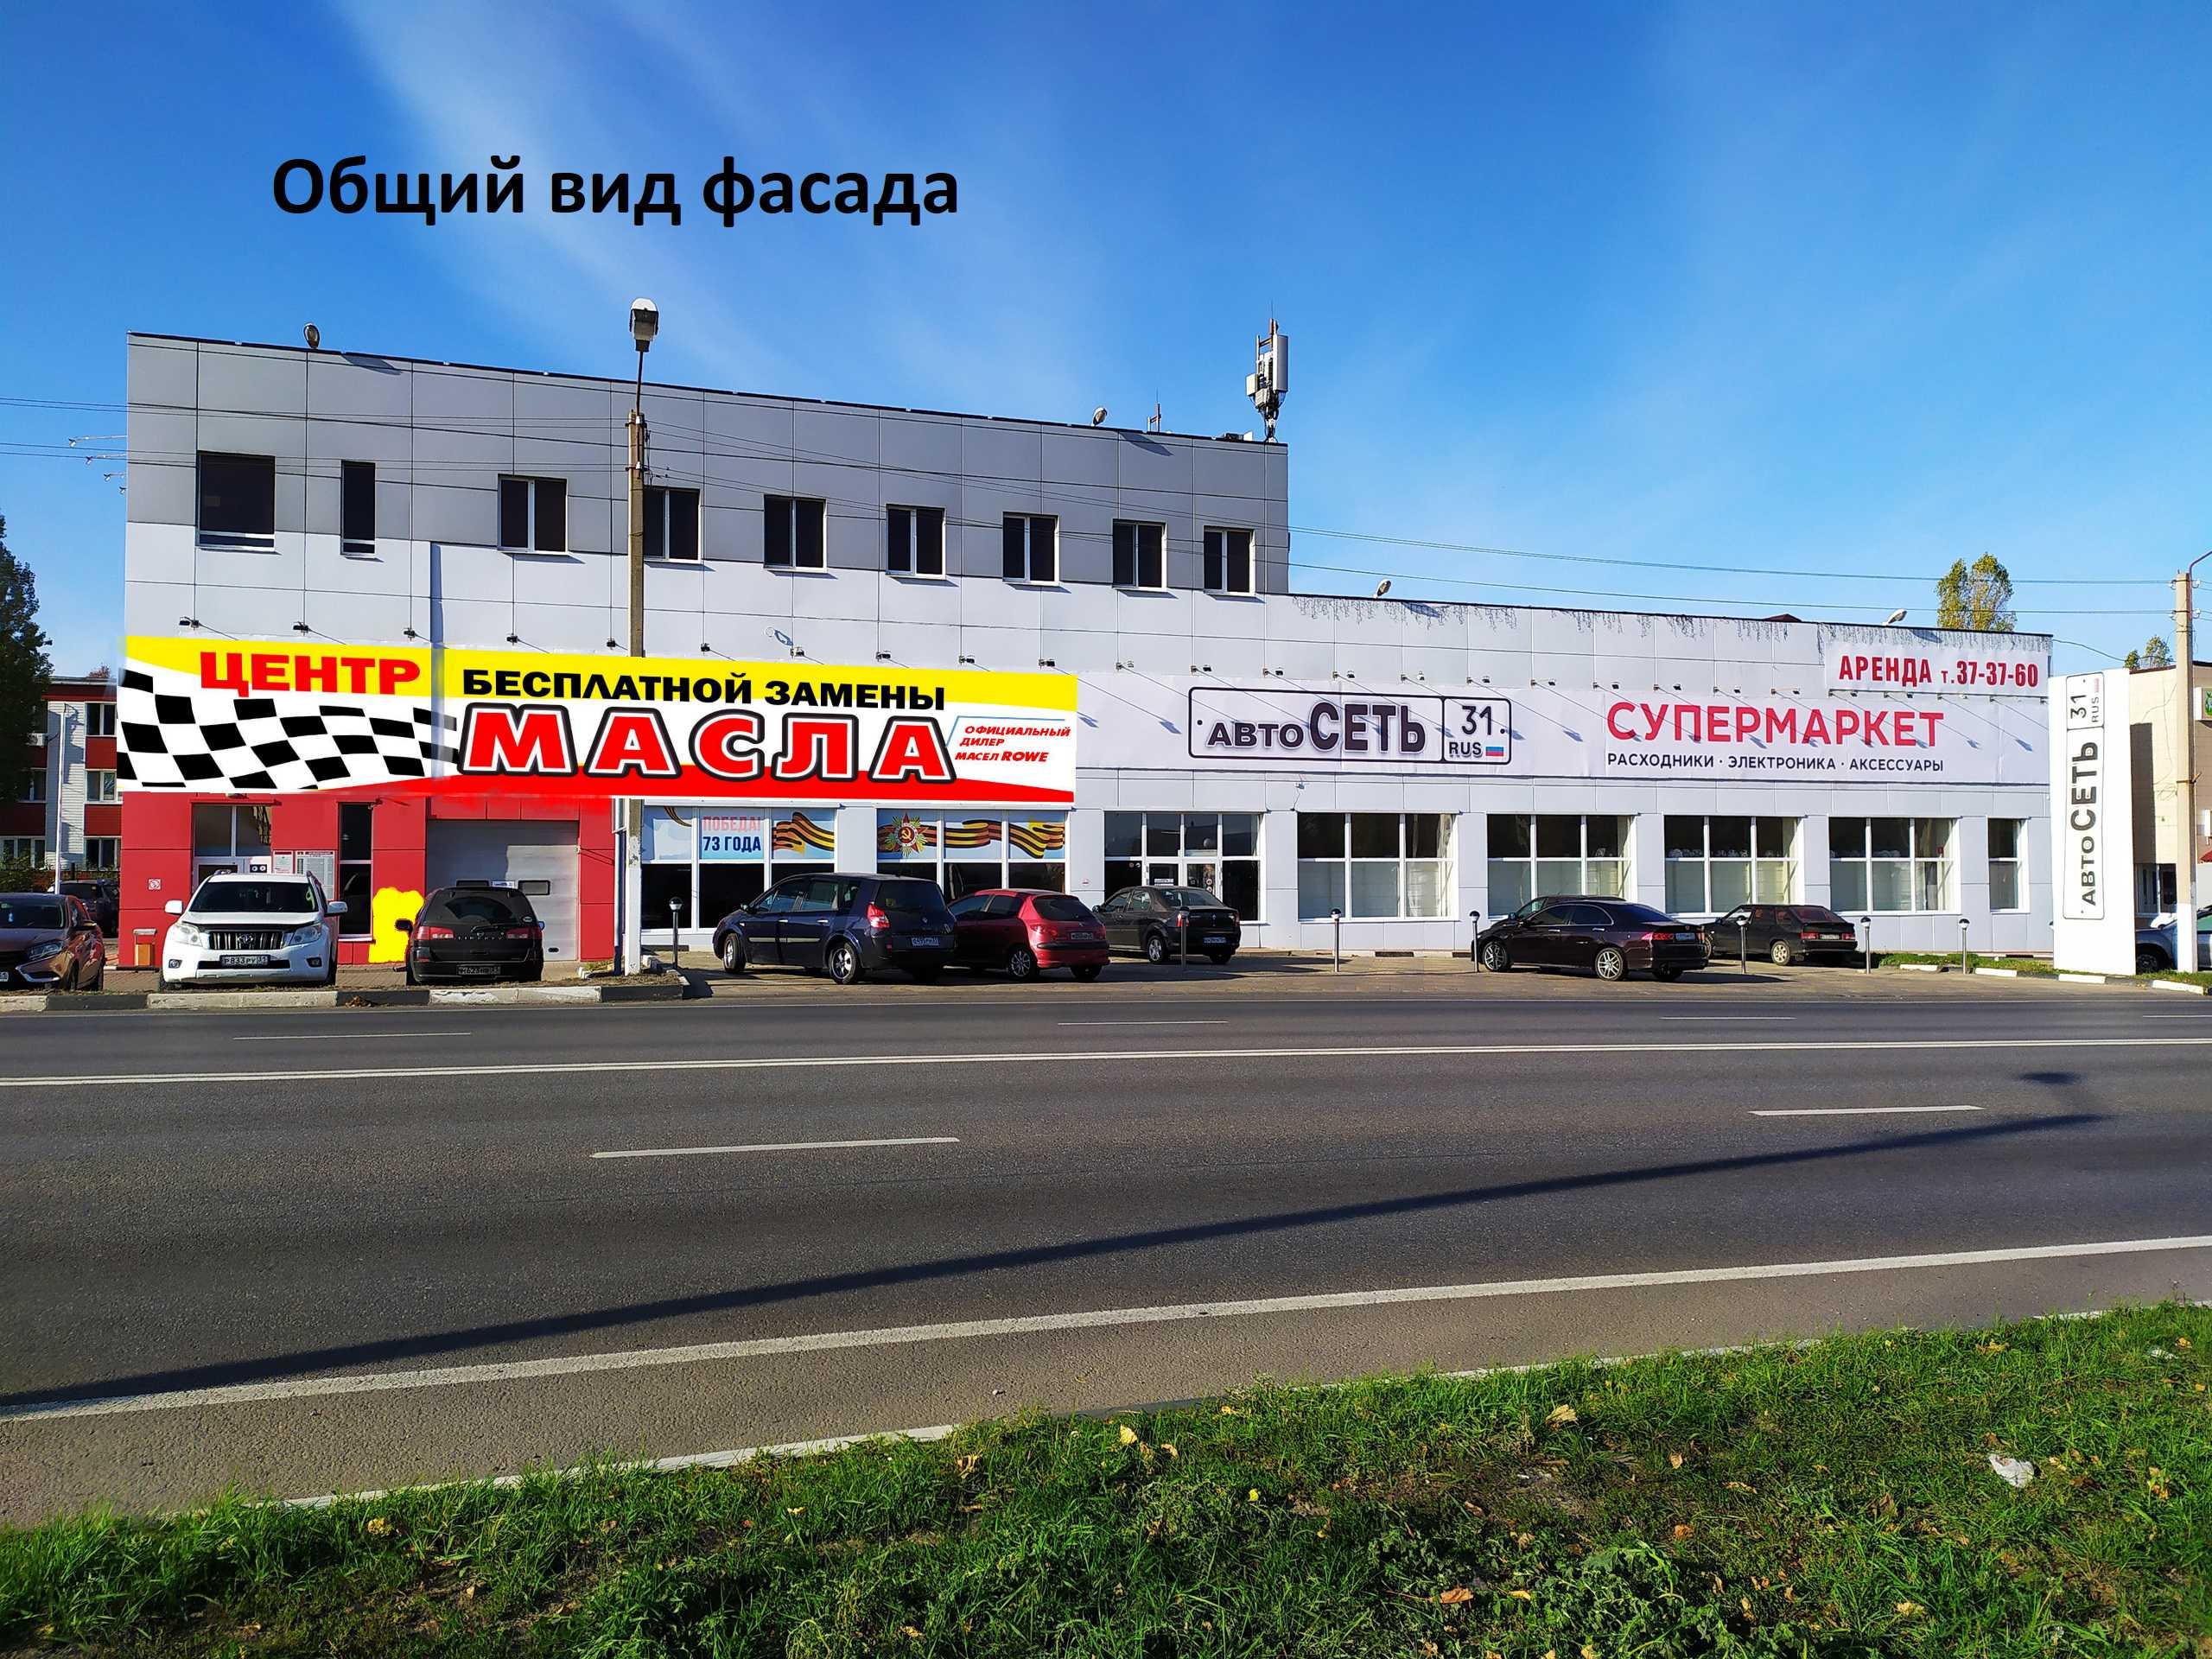 Оформление фасада автосервиса фото f_2825e4138326cefc.jpg